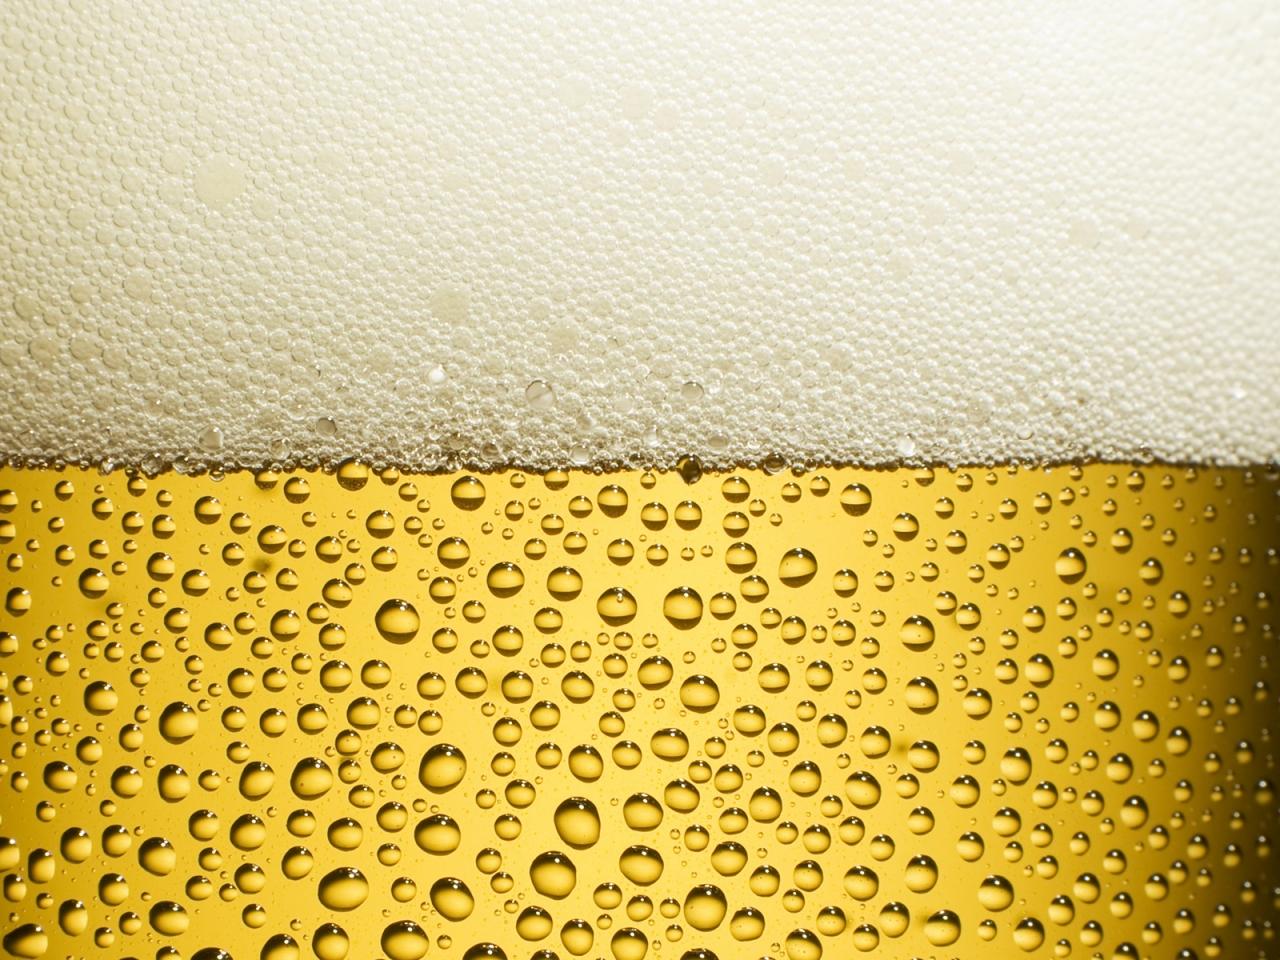 Vaso de cerveza - 1280x960